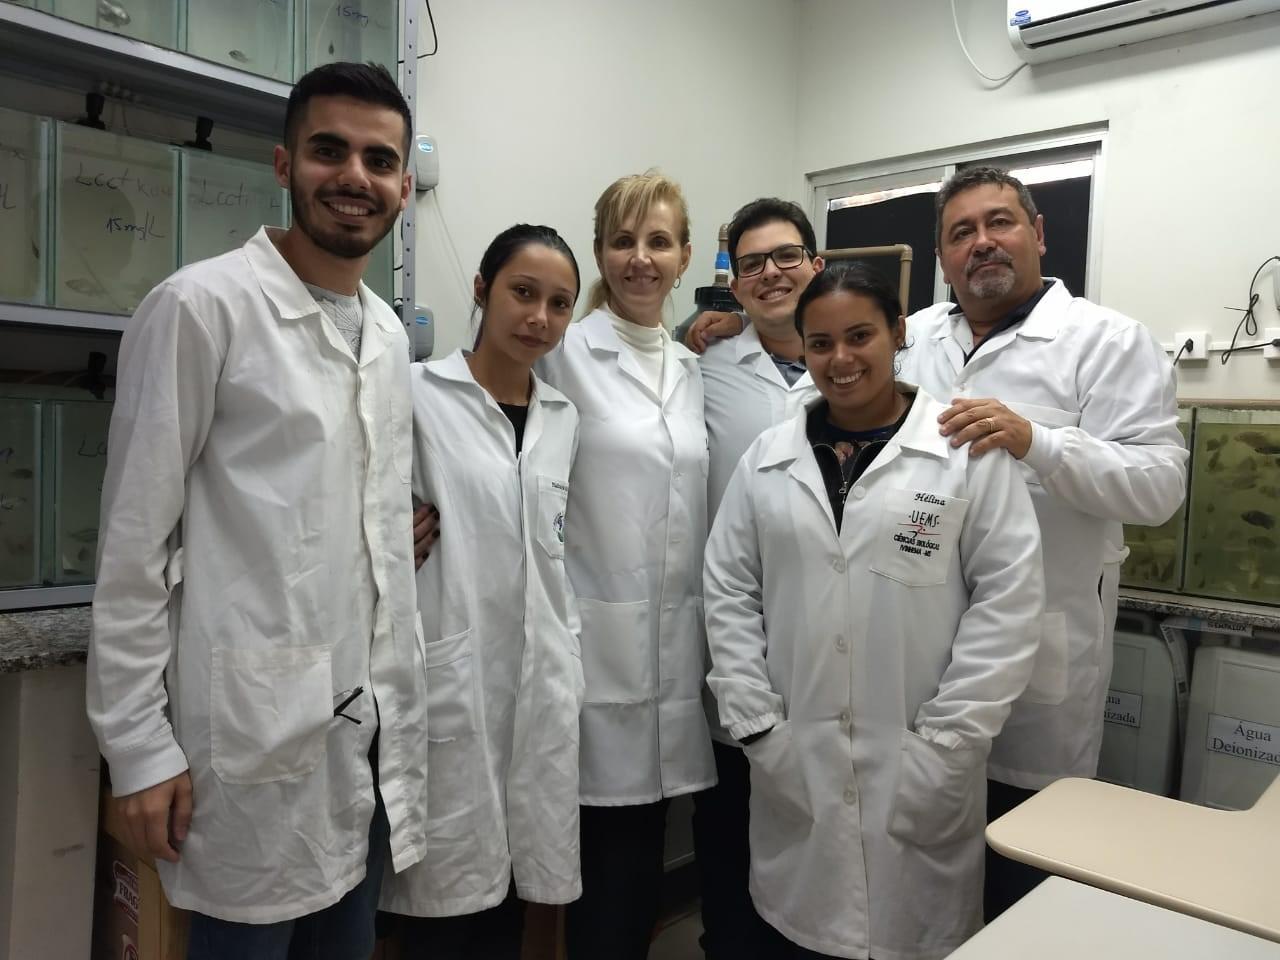 Grupo de pesquisa da Universidade Federal da Grande Dourados: líquido à base de resíduos de casca da castanha para matar larvas do aedes (Foto: Divulgação)